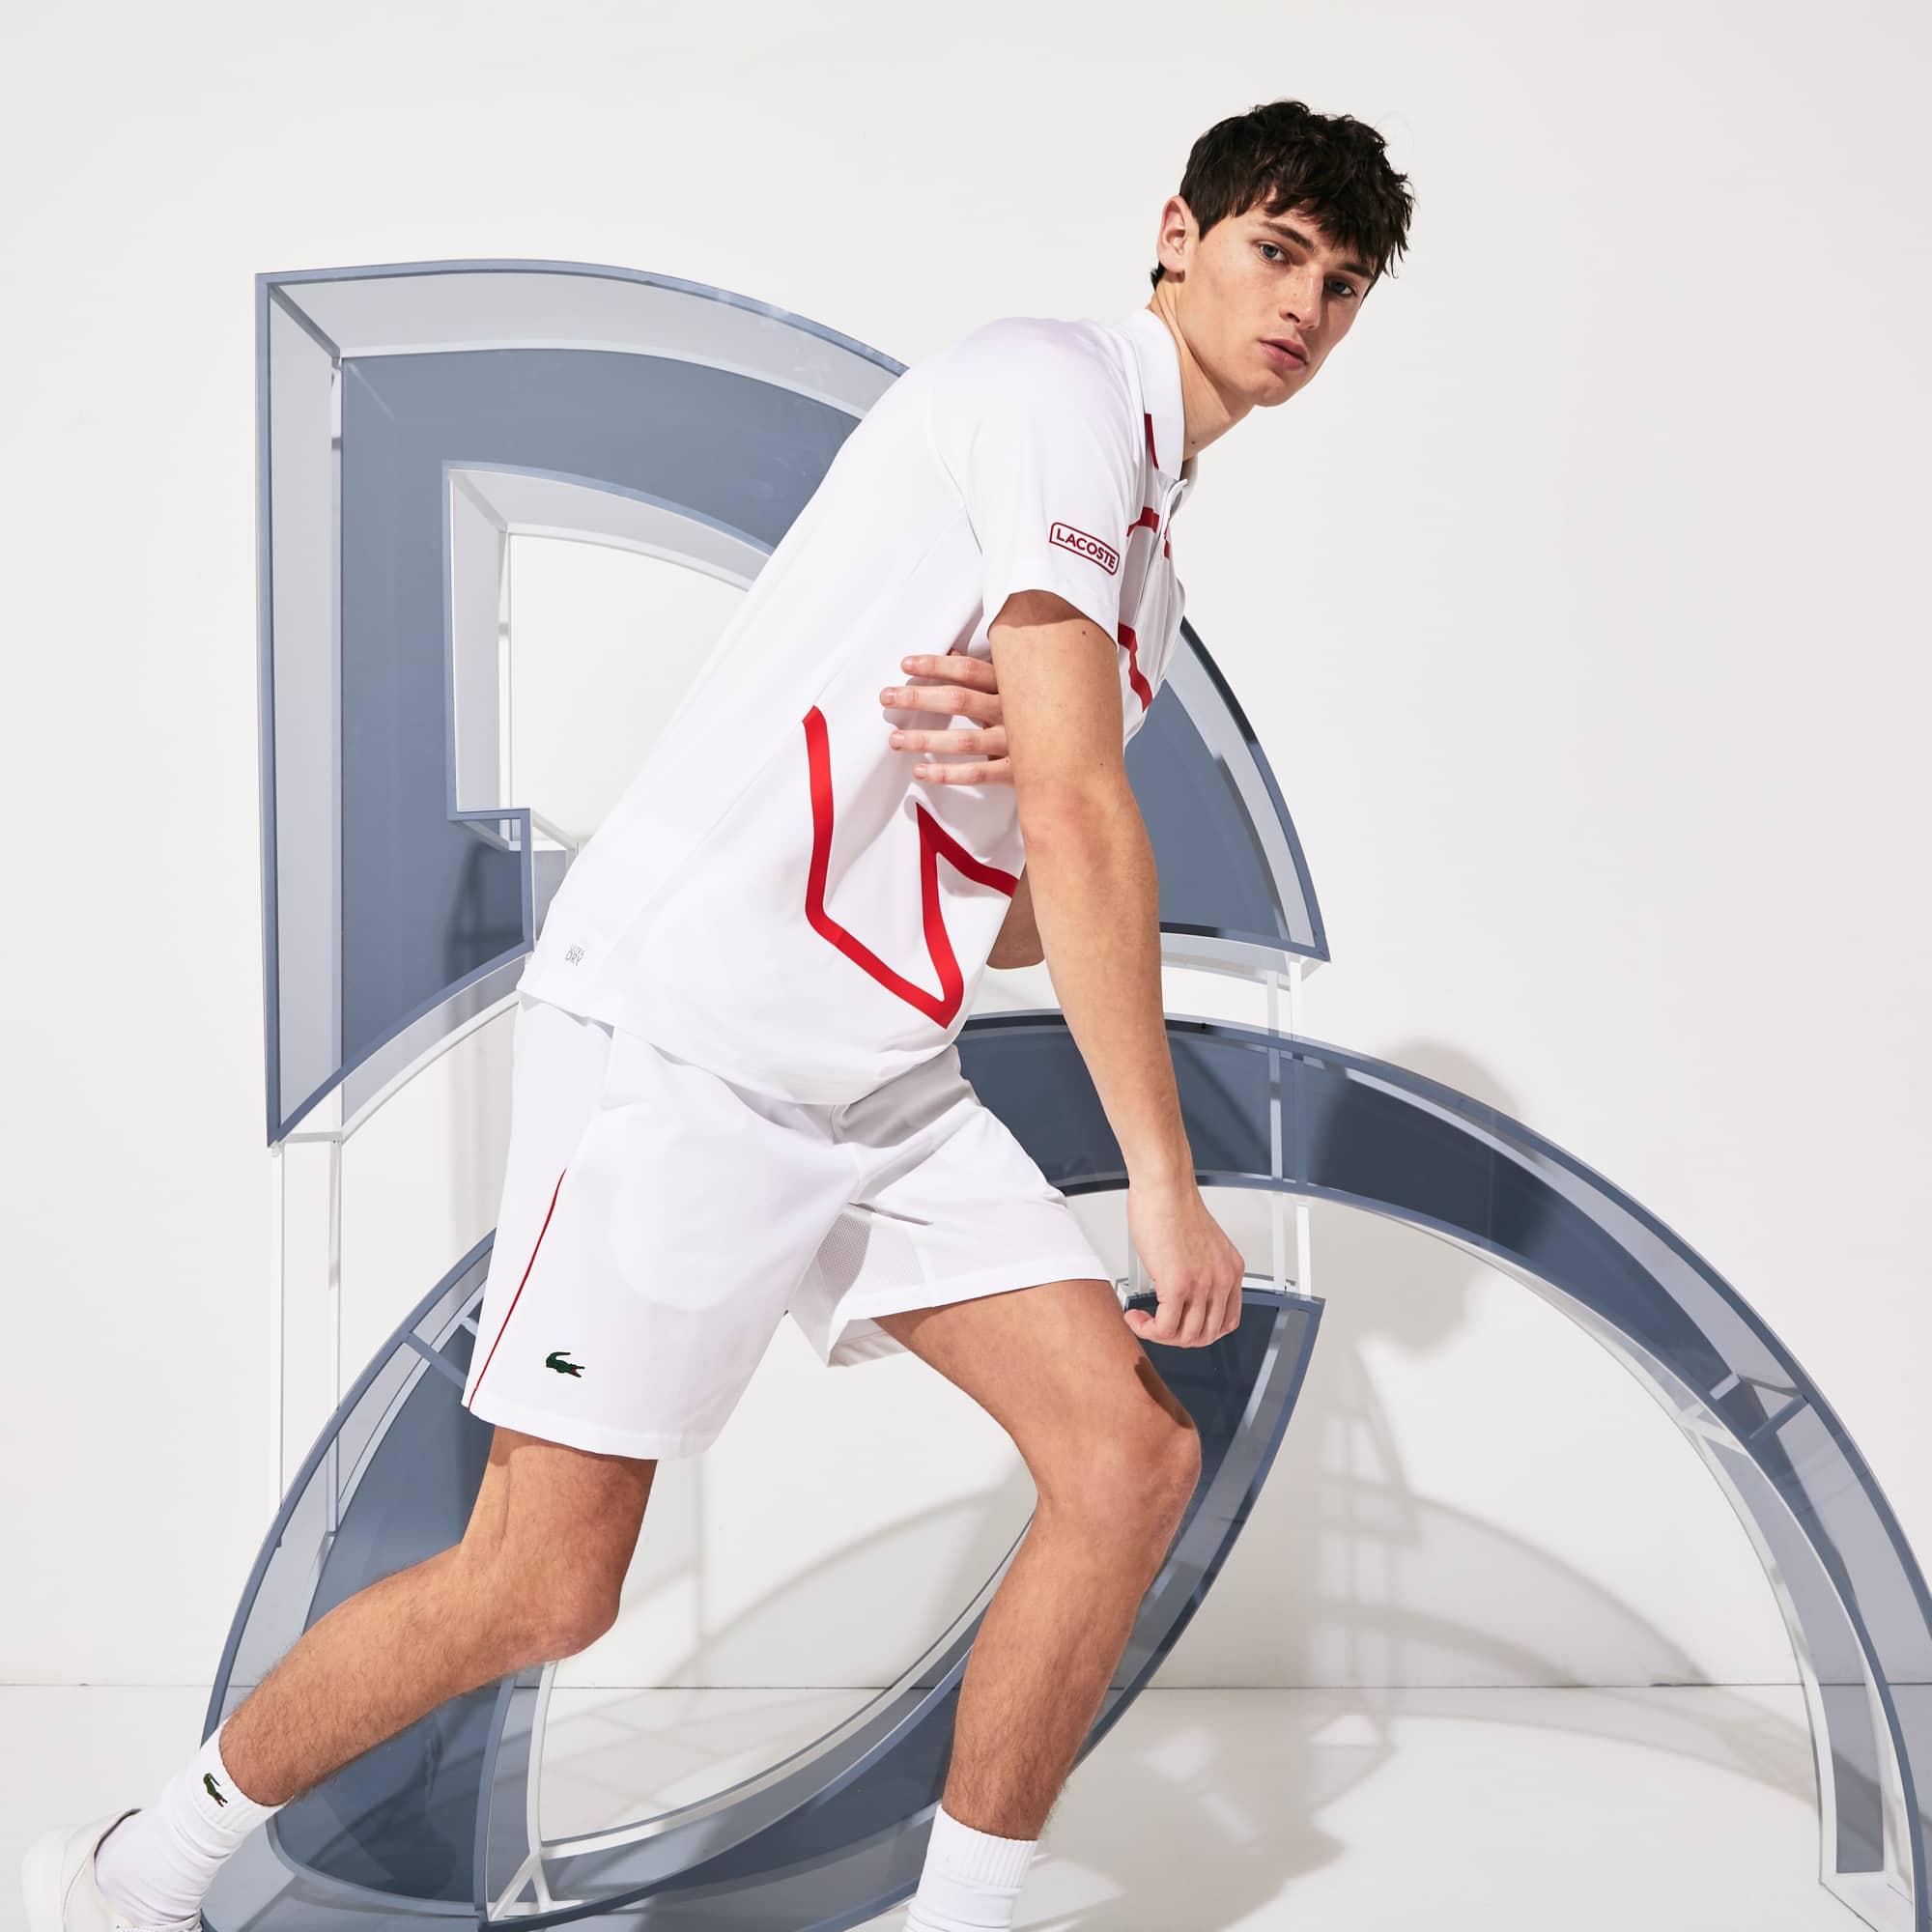 라코스테 스포츠 롤랑가로스 노박 조코비치 반바지 Lacoste Mens SPORT Roland Garros x Novak Djokovic Shorts